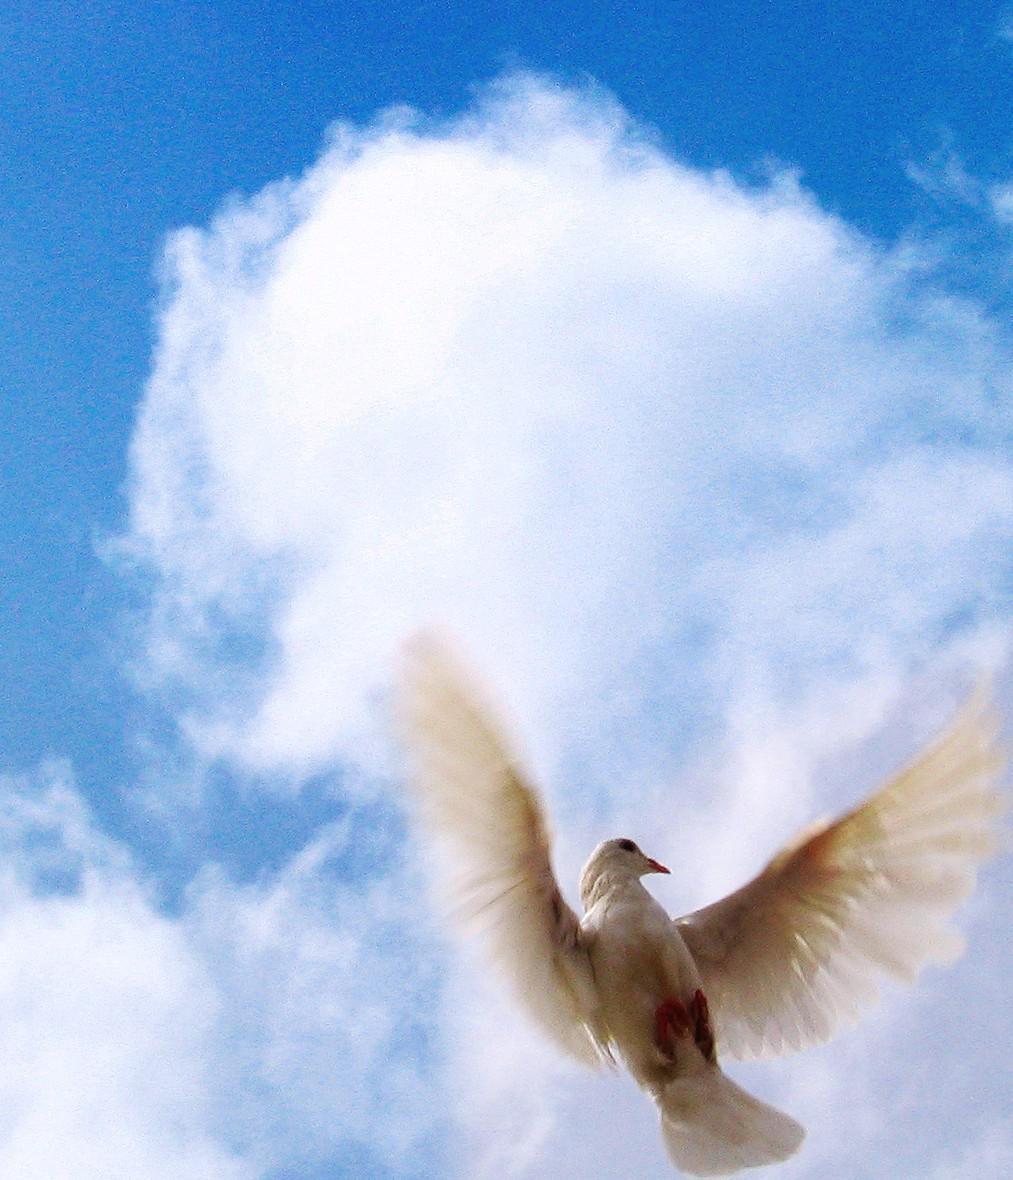 767682 28509903 e1396650923798 - Duch Svatý, kdo je Duch Svatý, vysvětlení pojmu